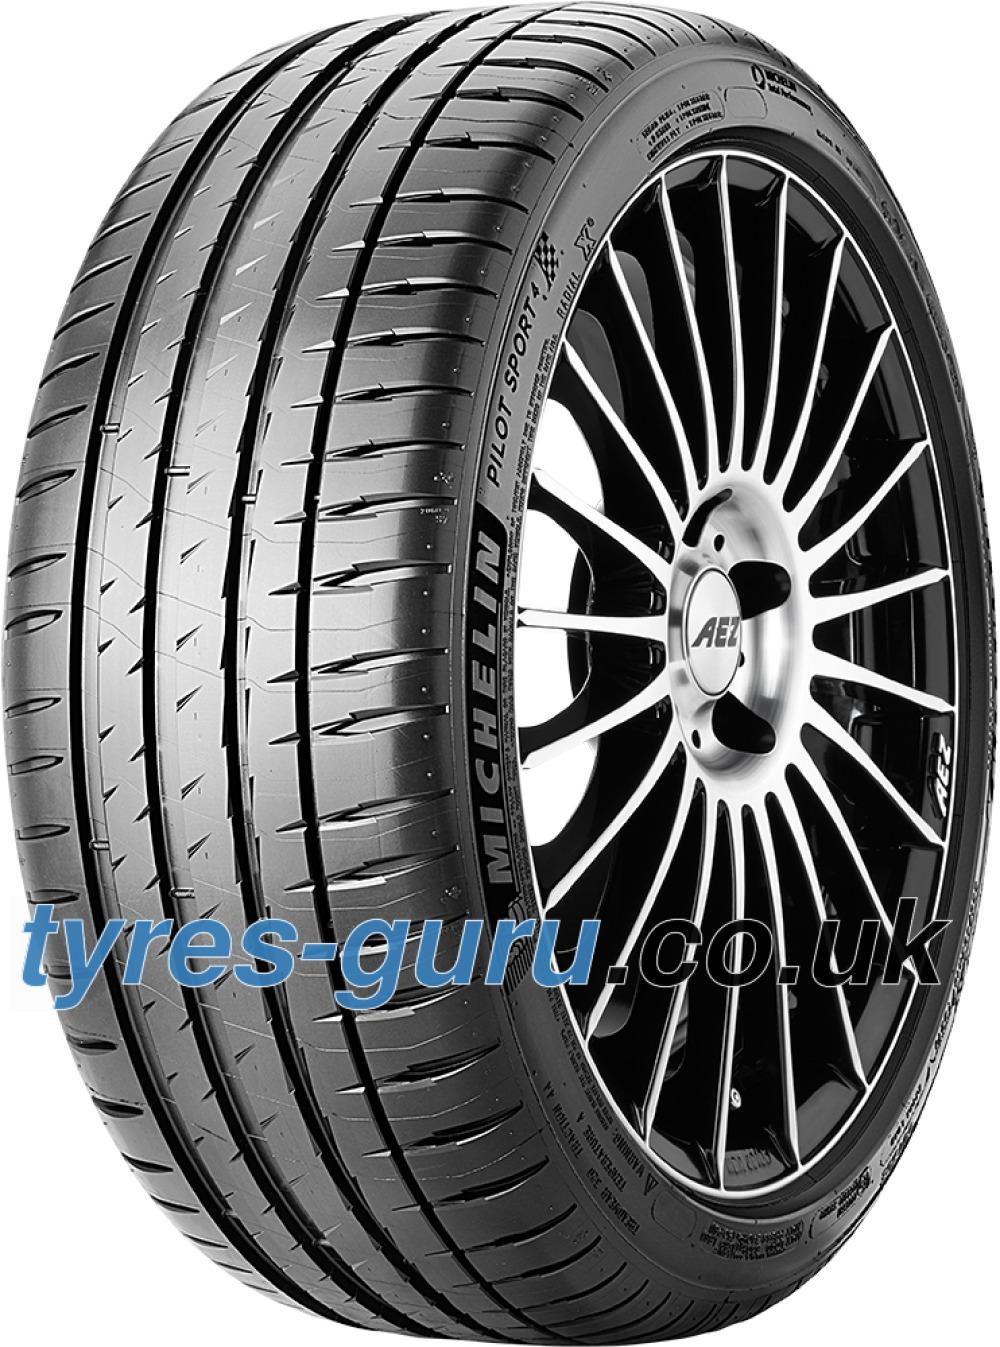 Michelin Pilot Sport >> Michelin Pilot Sport 4 235 40 Zr18 95y Xl Dt1 Tyres Guru Co Uk